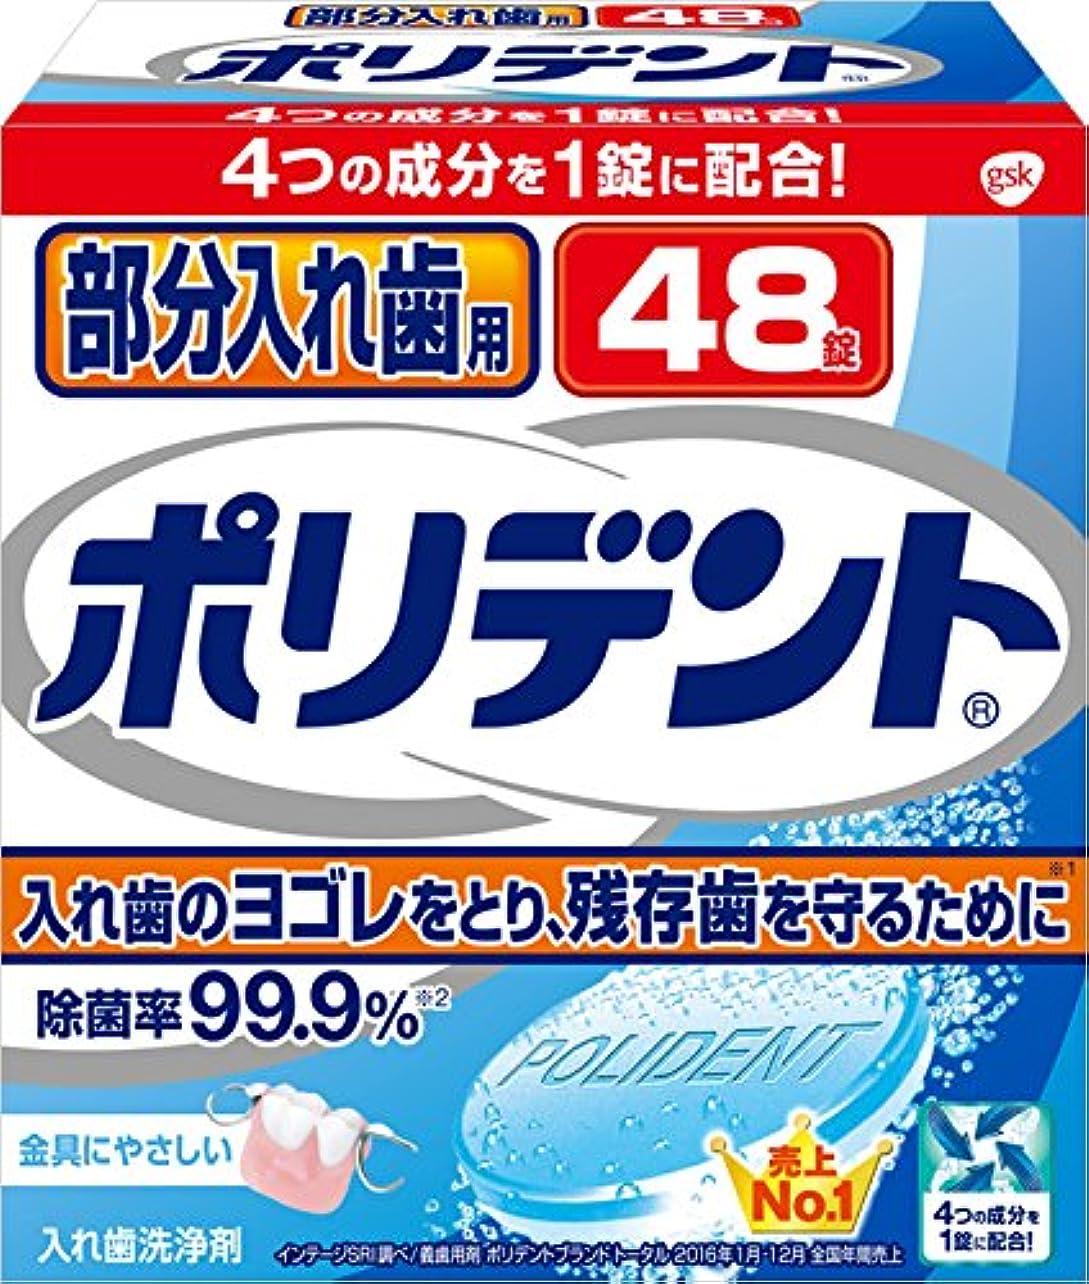 行ピストル災害入れ歯洗浄剤 部分入れ歯用 ポリデント 48錠